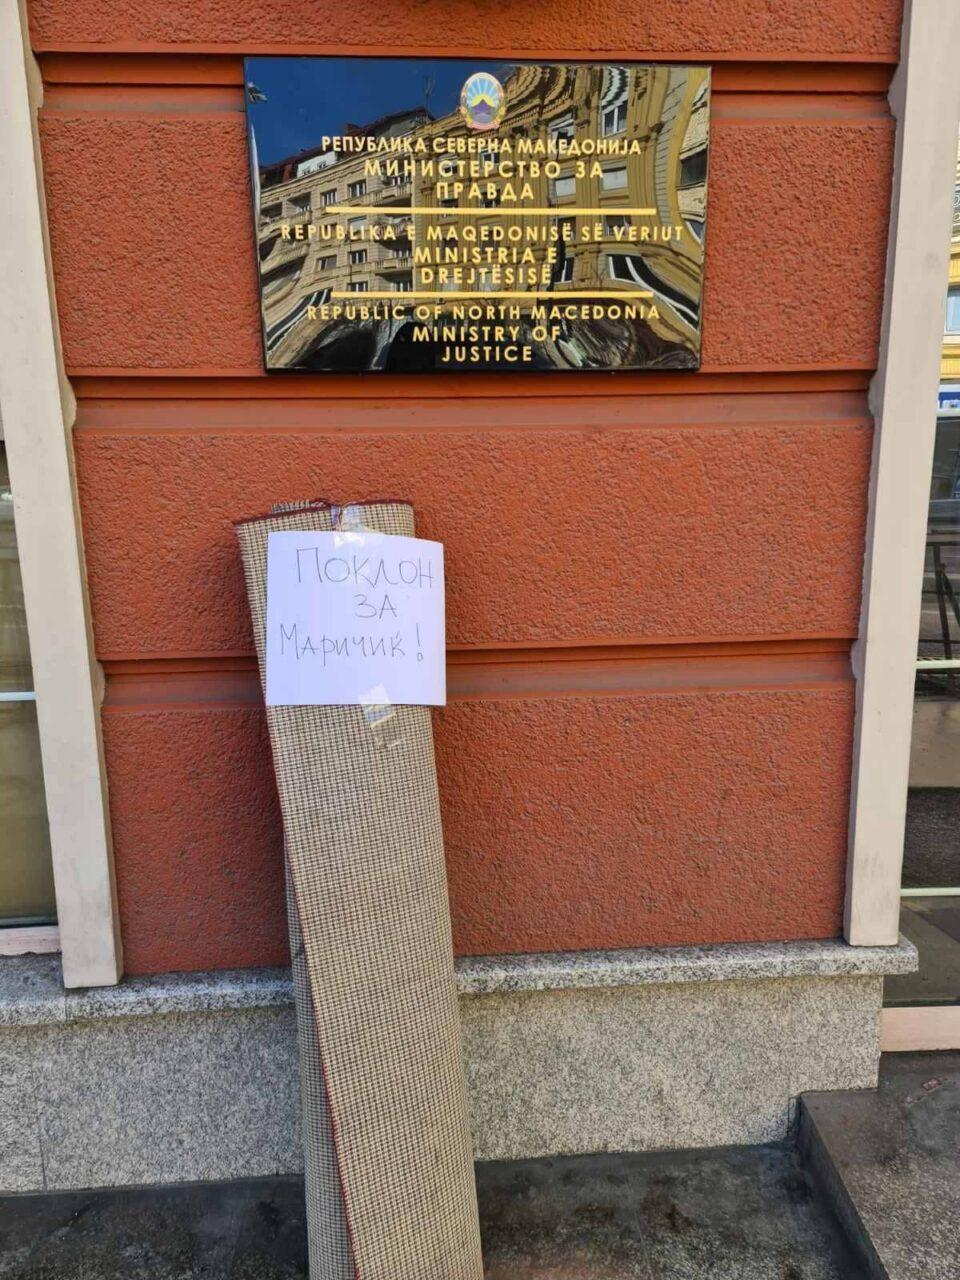 ФОТО: По скандалот, пред Министерството за правда оставен тепих- подарок за Маричиќ